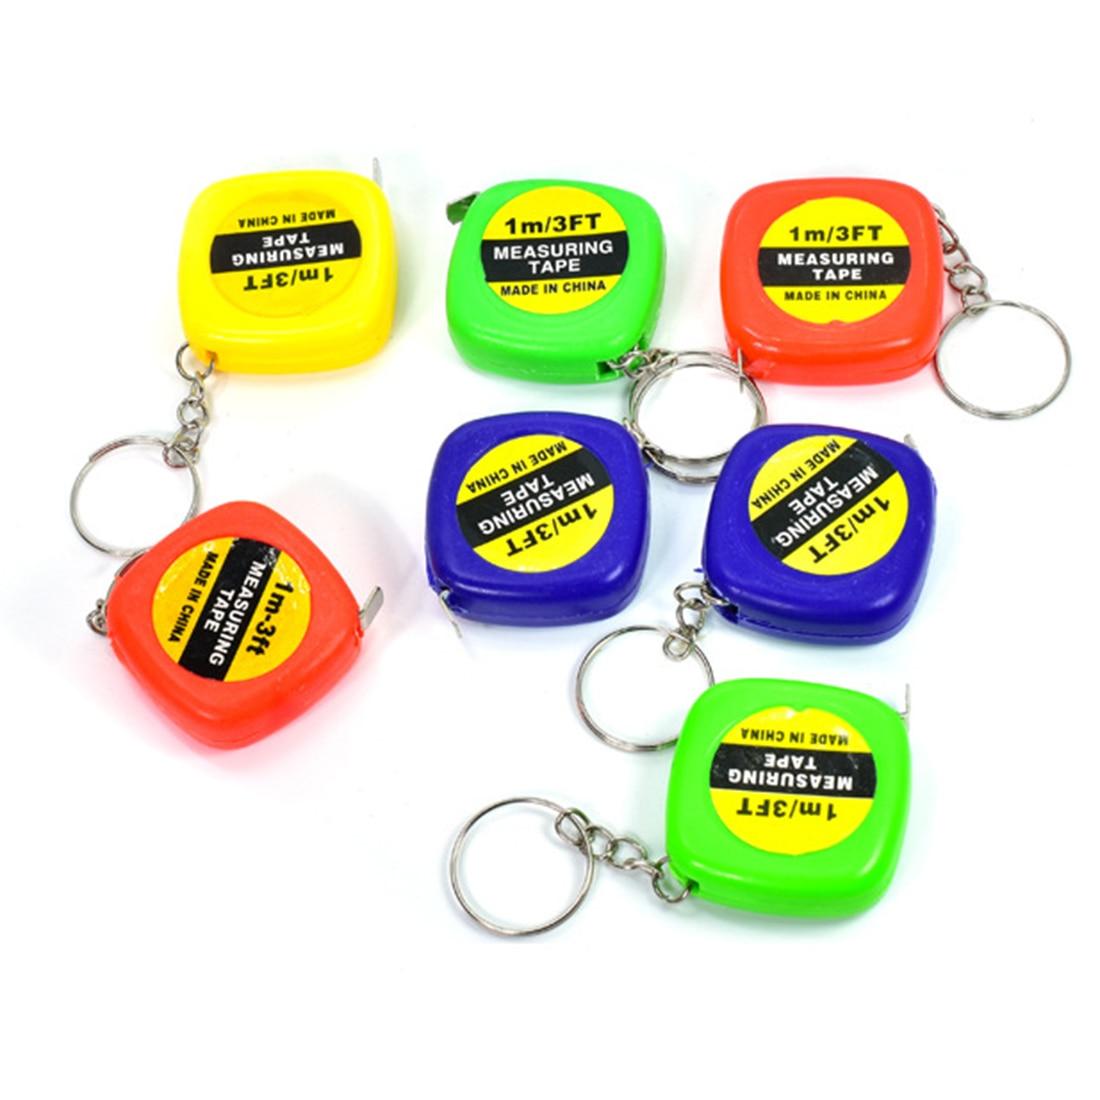 1pc Children Height Ruler 1m/3ft Easy Retractable Measure Ruler Tape Mini Portable Pull Ruler Keychain Color Random